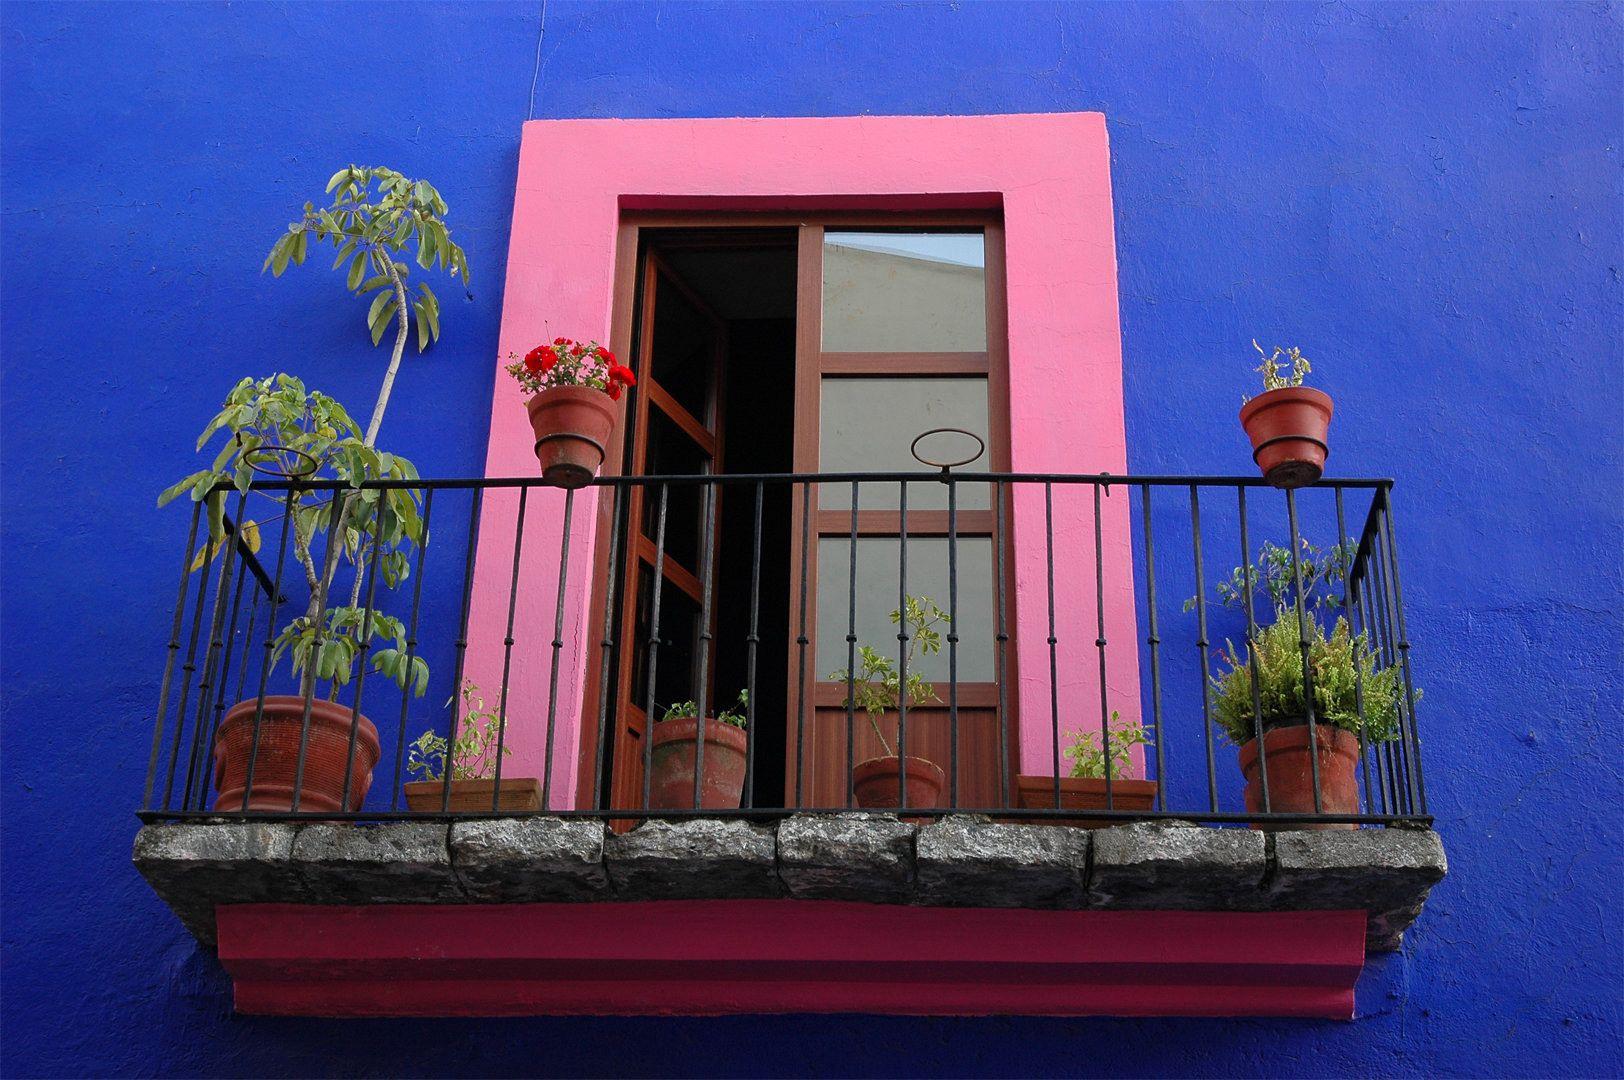 puebla mexico | Balcony, Puebla. México by Mirari Erdoiza in Balcony, Puebla, Puebla ...